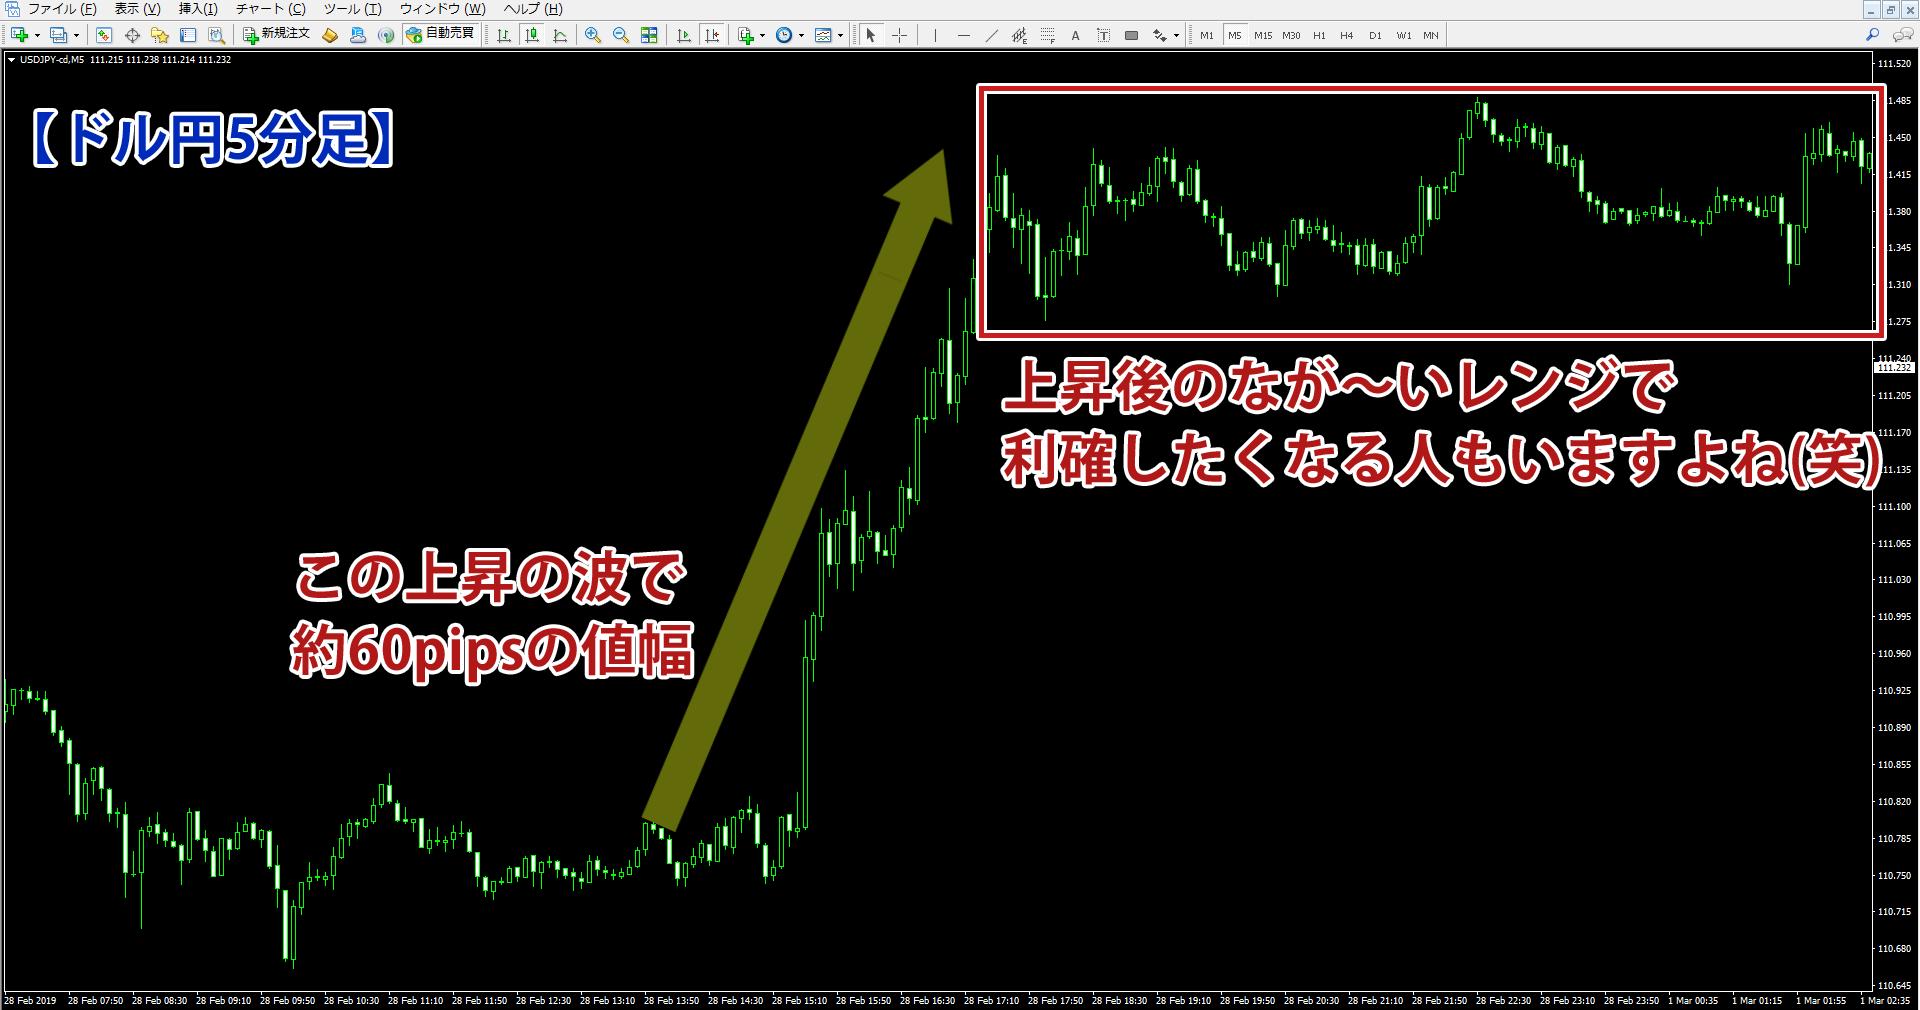 ドル円5分足で見た上昇の波の値幅